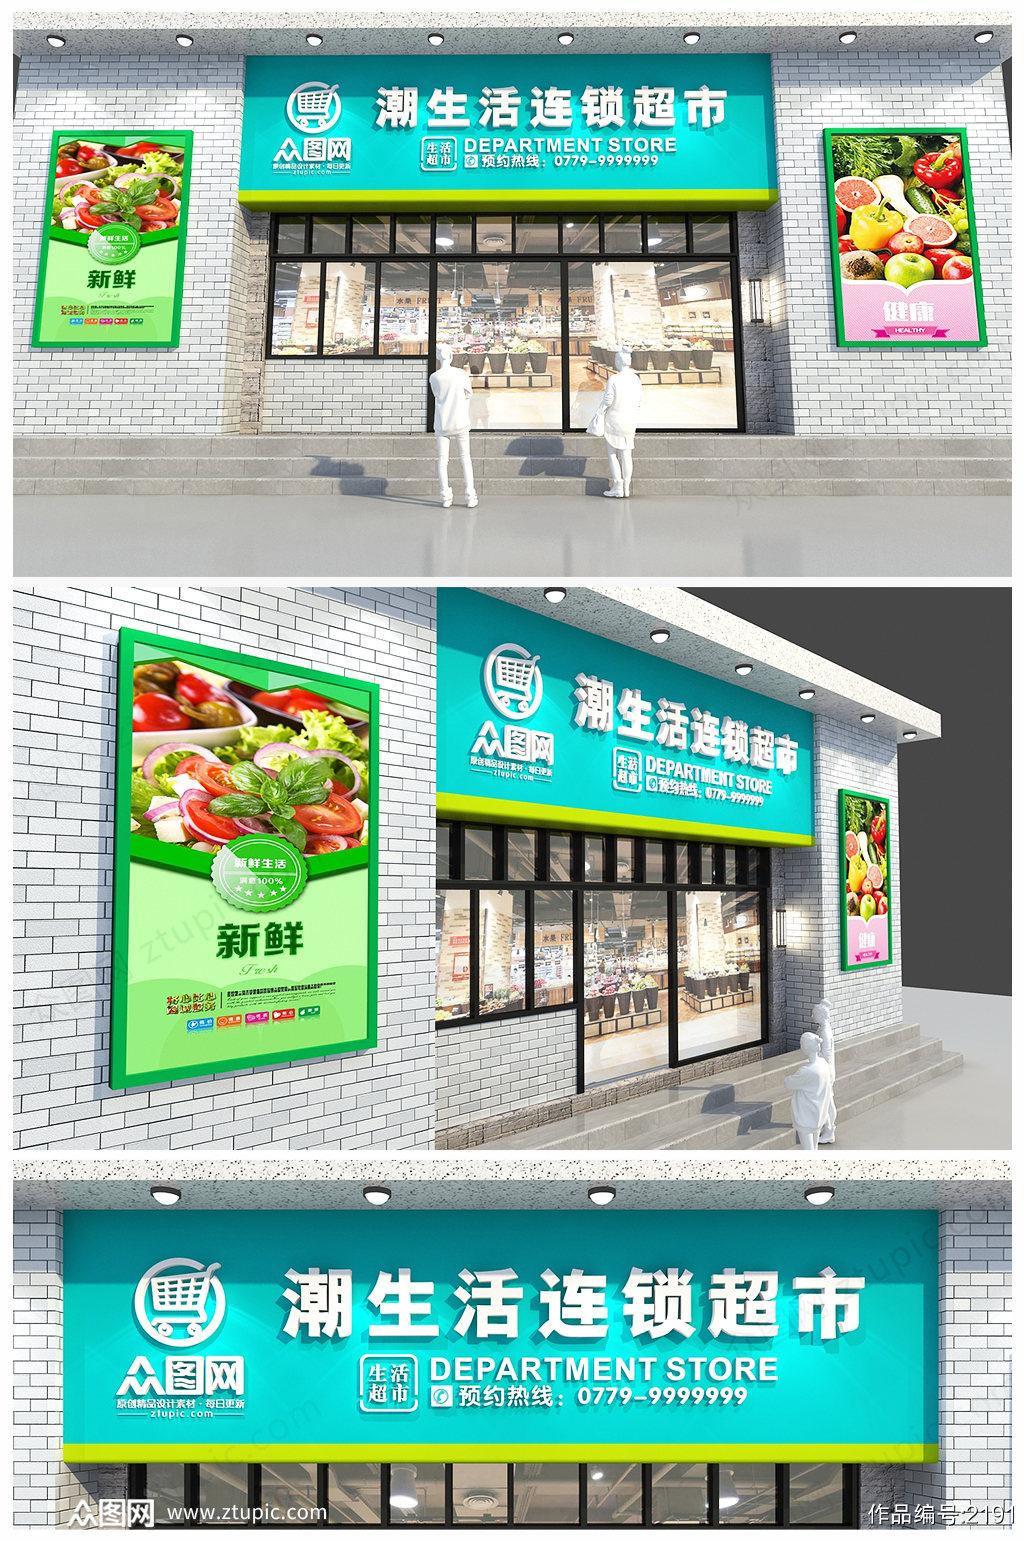 原生态概念水果店蔬果超市门头招牌设计模版素材